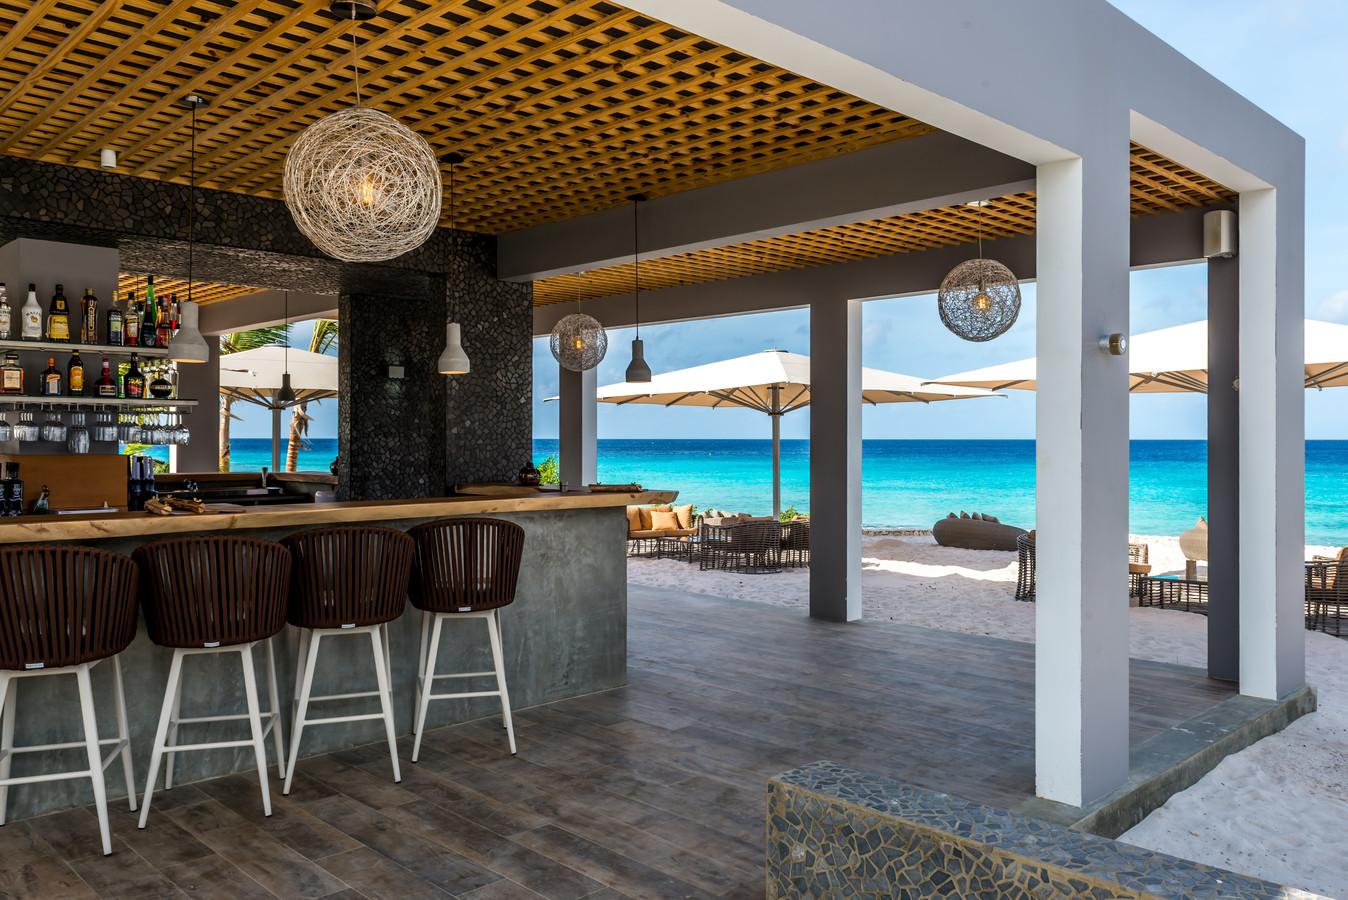 Brass Boer op Bonaire ligt net zoals het nieuw te bouwen restaurant op Curaçao aan de zee.